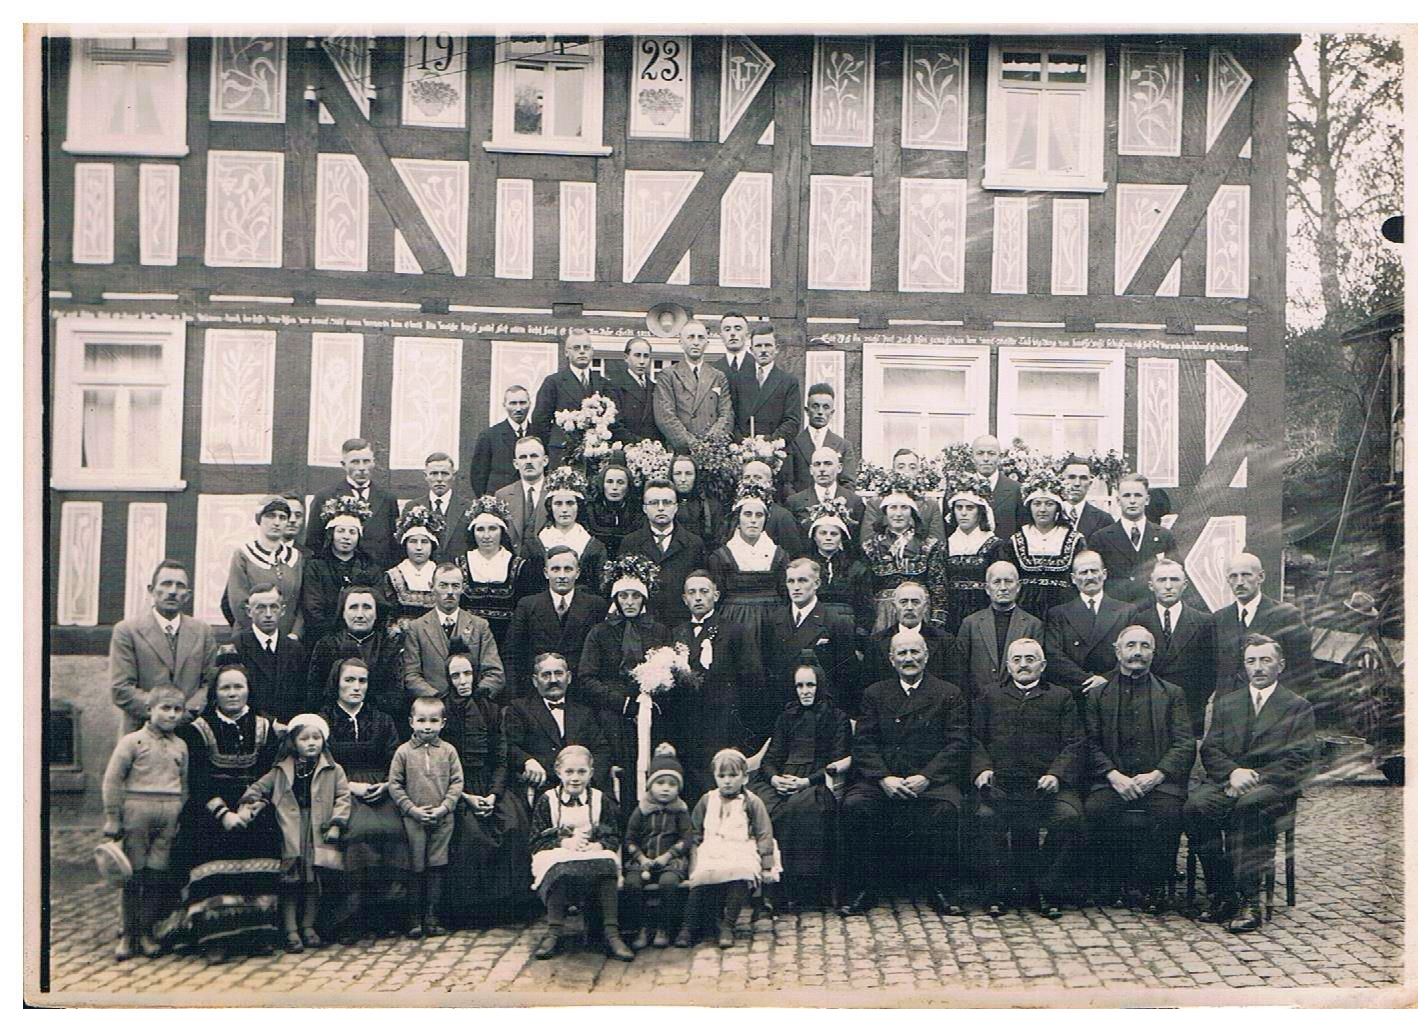 3. Hochzeitspaar Heinrich und Katharina Mankel, geb. Henkel